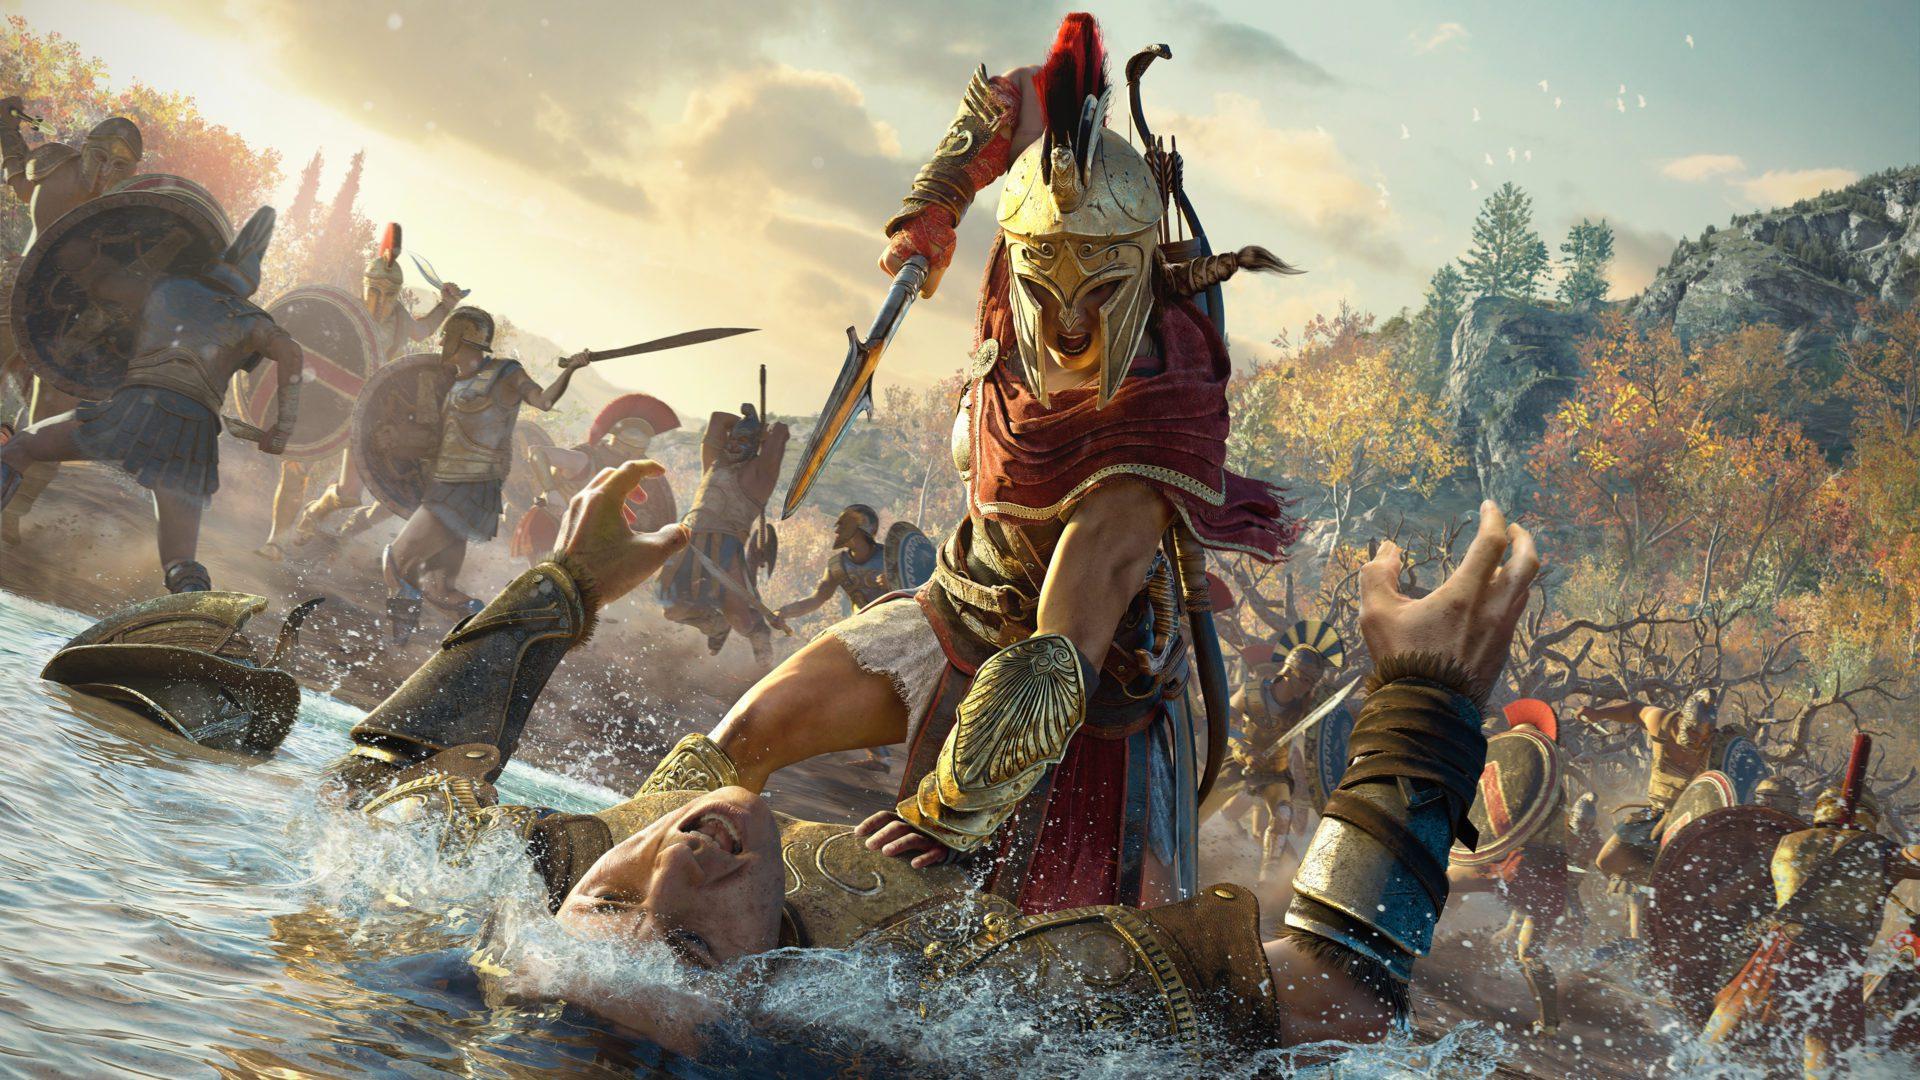 ¿Habrá un juego de Assassin's Creed en 2020? 2